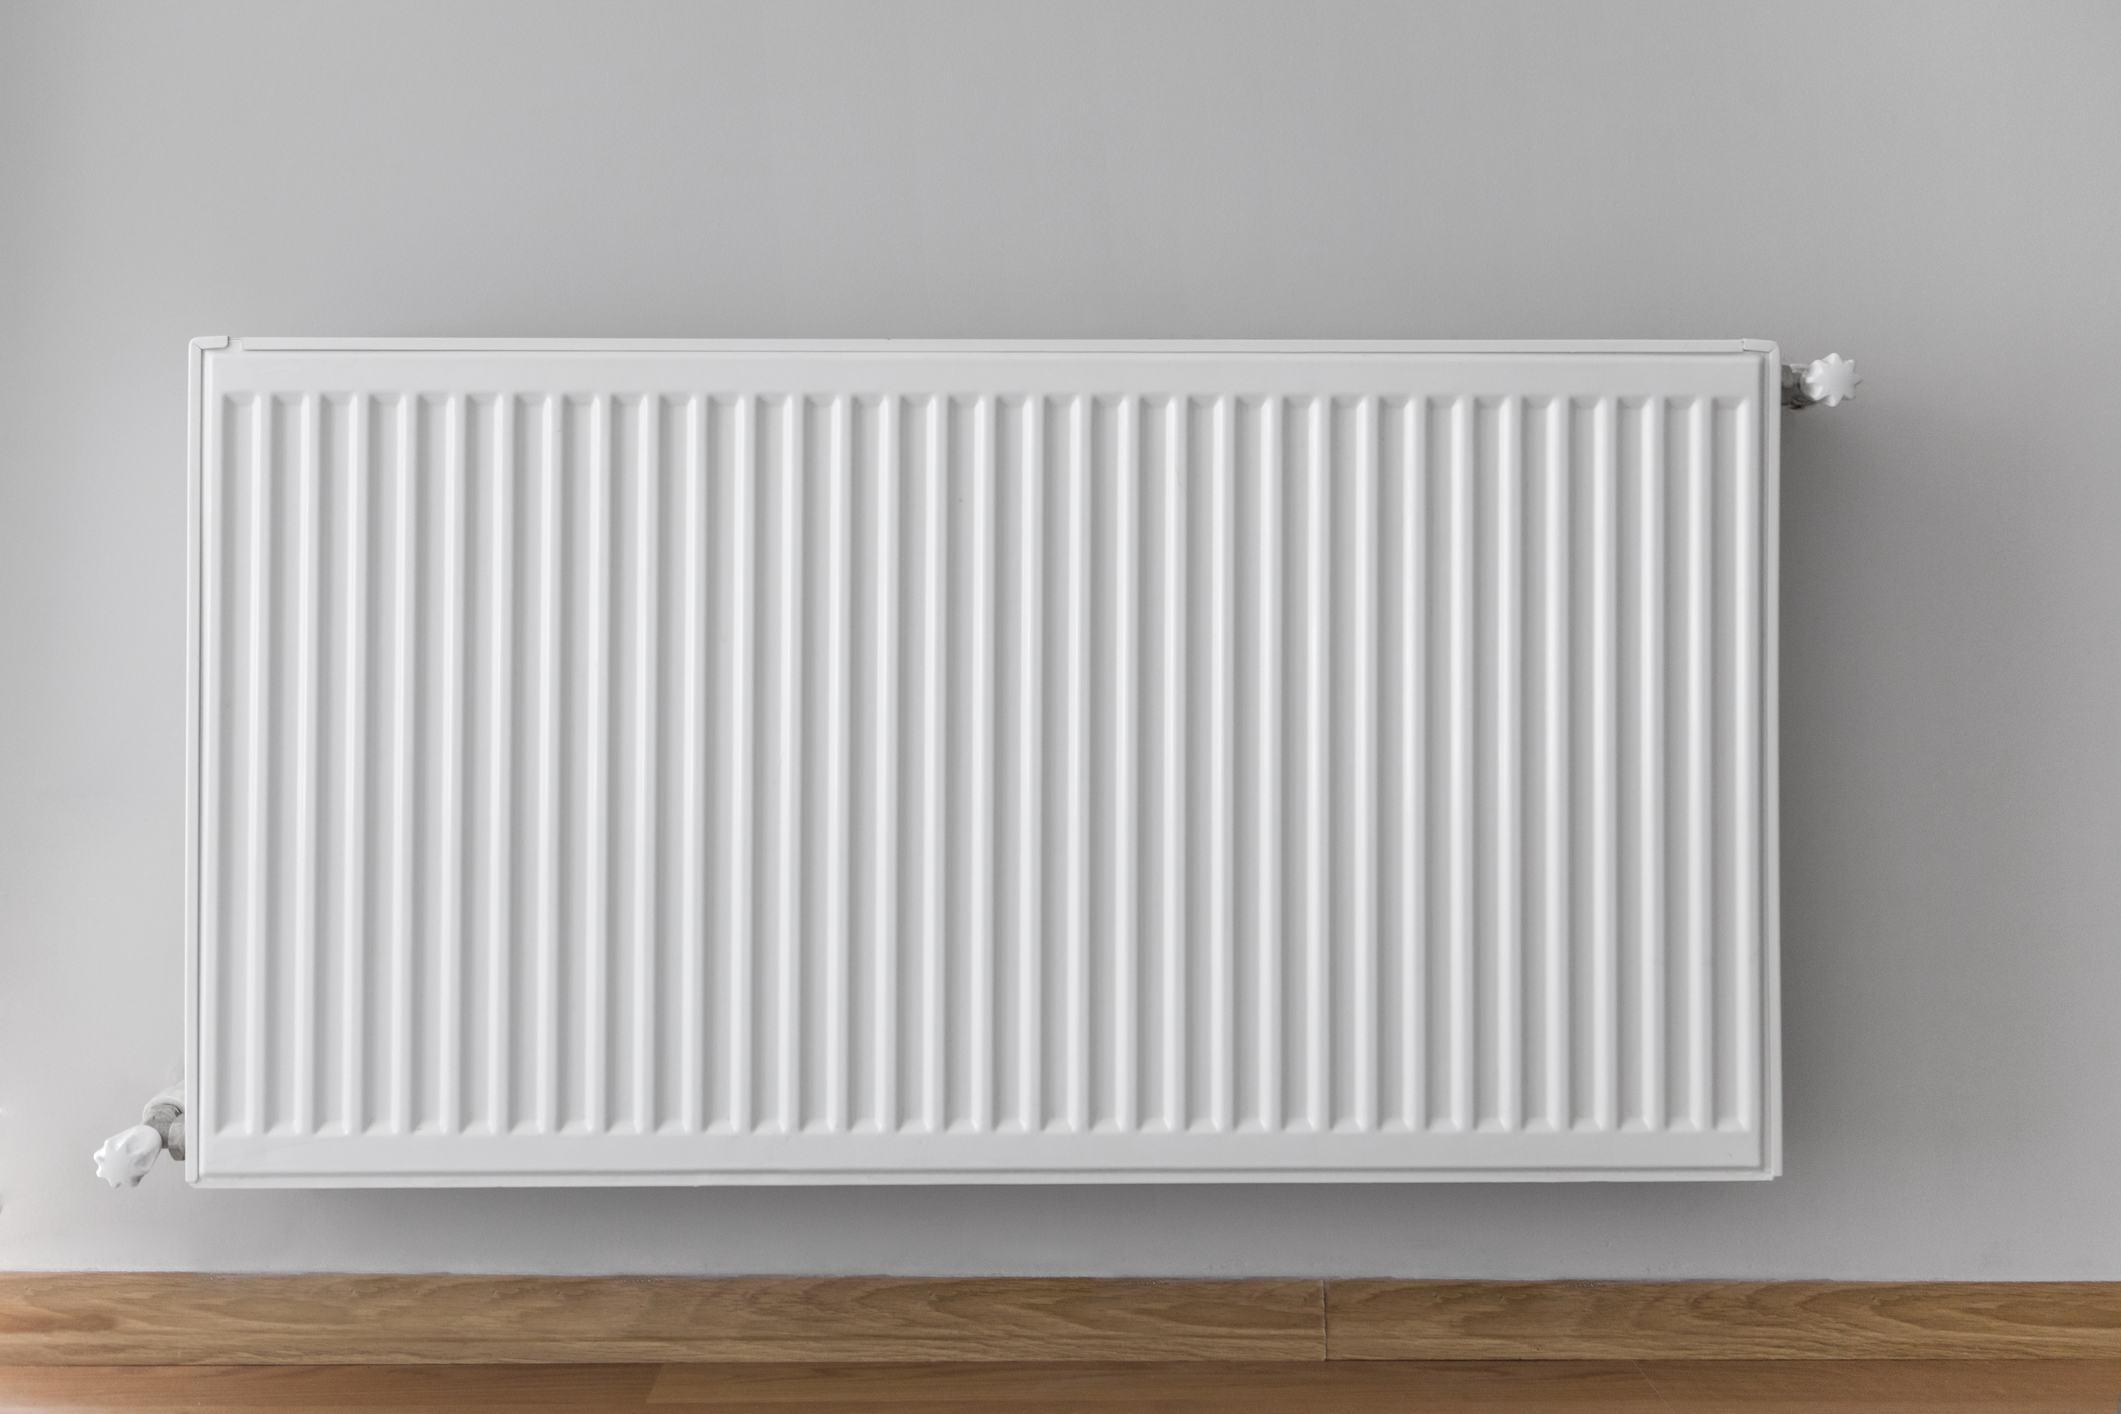 White heating radiator